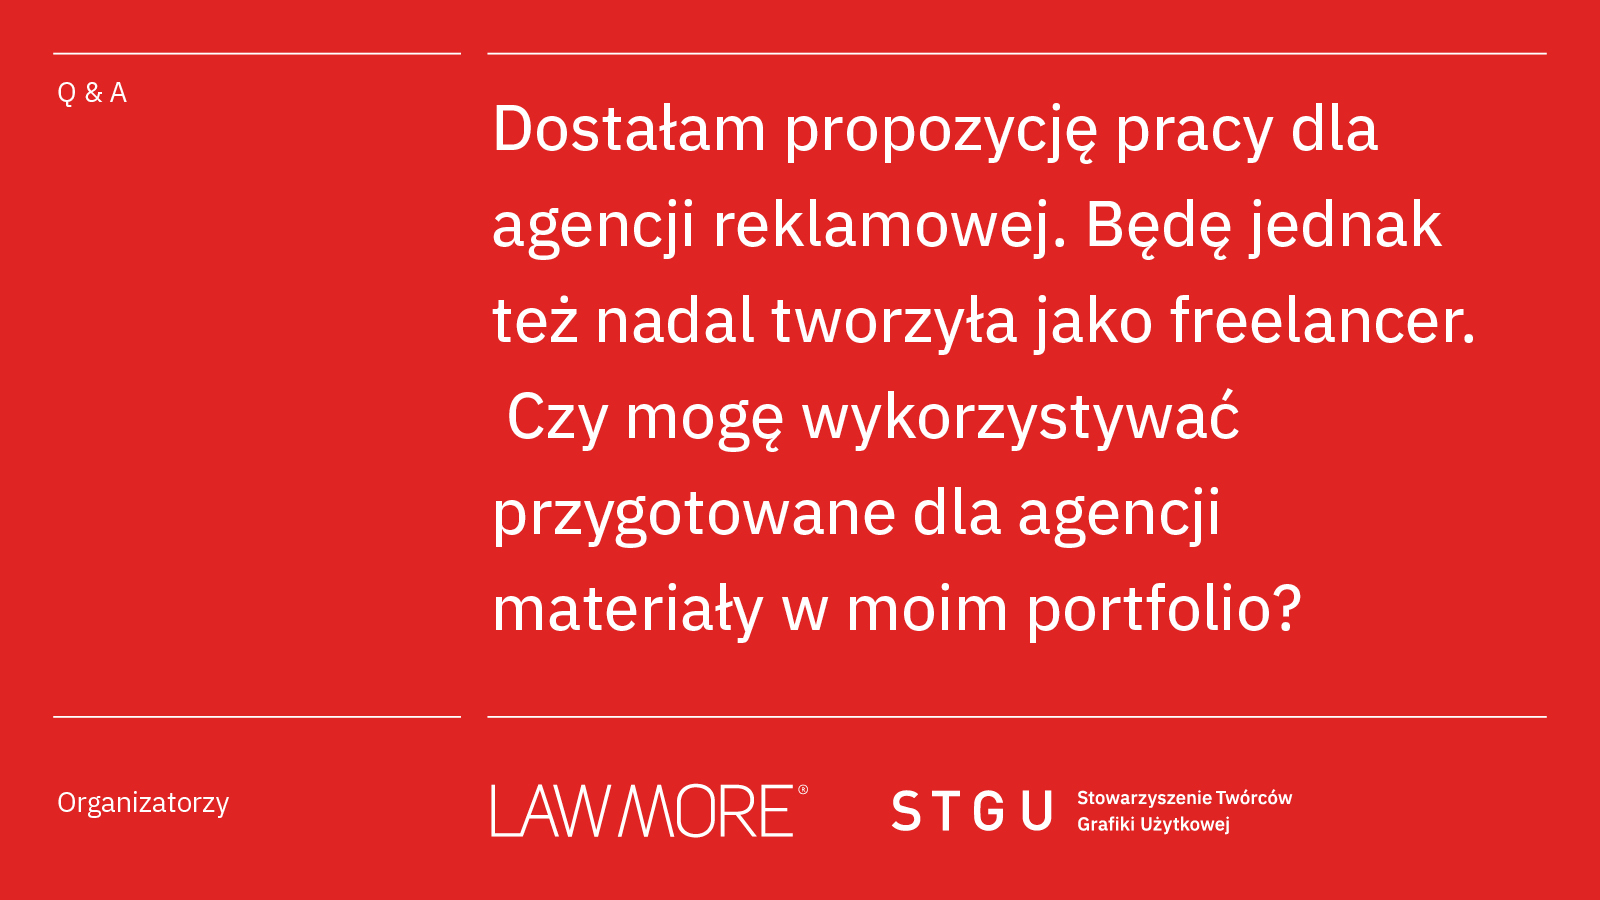 Nowy cykl – Lawmore we współpracy z STGU